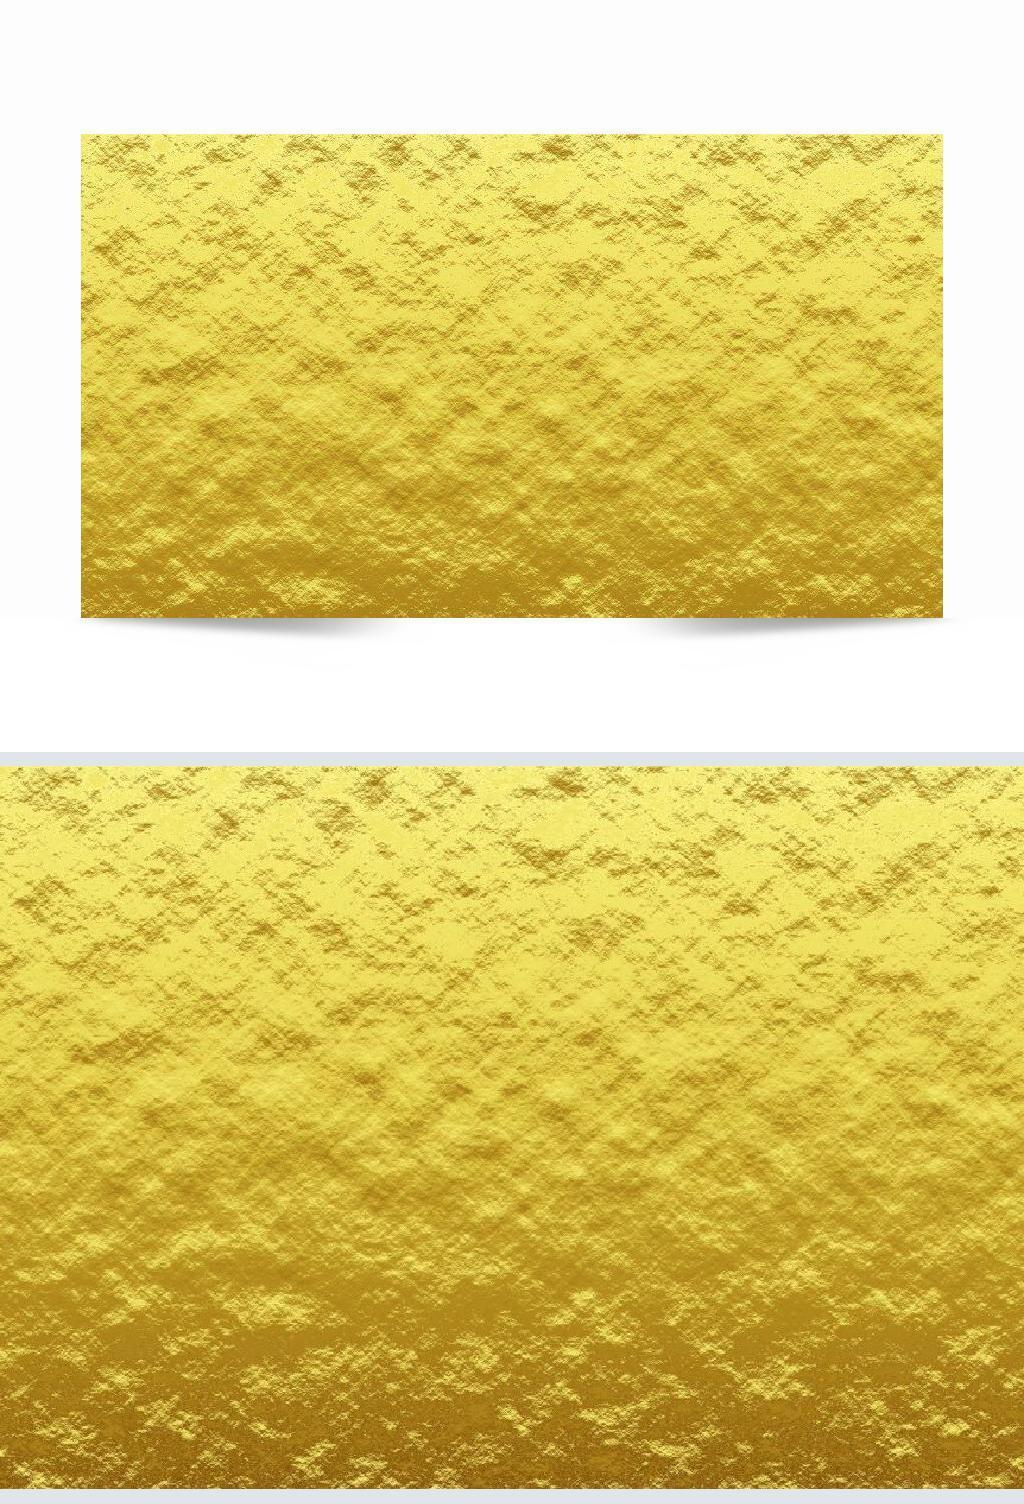 凸起金箔背景金色